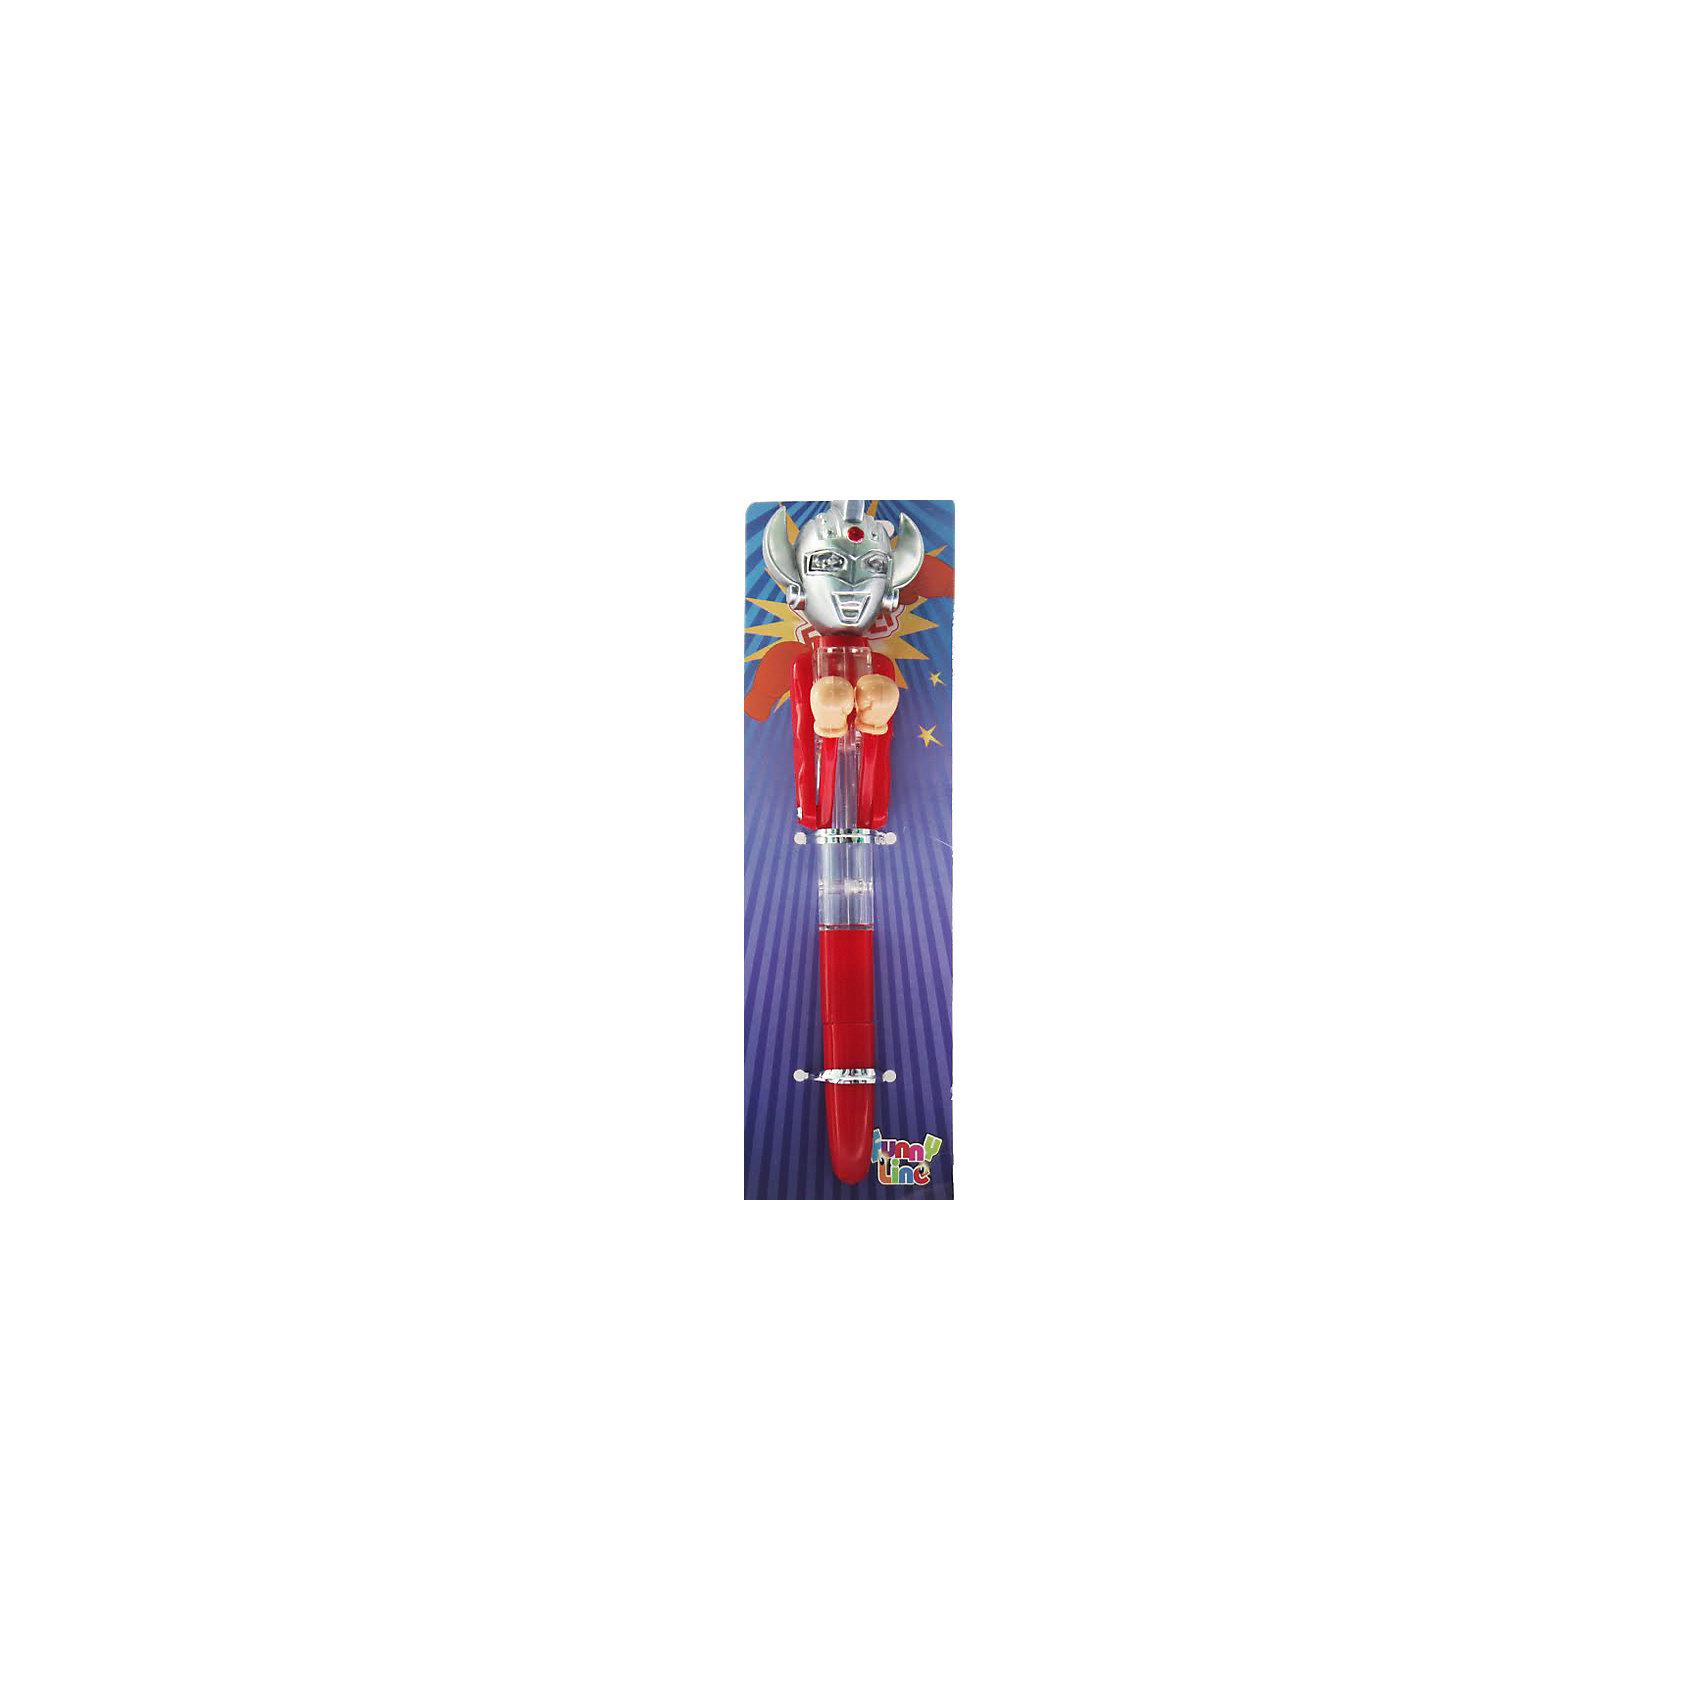 Ручка Боксер Инопланетный ЗахватчикПисьменные принадлежности<br>Характеристики:<br><br>• Предназначение: канцелярские принадлежности, оригинальный подарок<br>• Материал: пластик<br>• Тип ручки: шариковая<br>• Цвет чернил: темно-синий<br>• Комплектация: ручка, колпачок<br>• На корпусе имеются кнопки, которые активируют боксерские перчатки<br>• Упаковка: картонная подложка<br>• Размеры упаковки (Д*Ш*В): 3*3*17 см<br>• Вес в упаковке: 100 г<br><br>Корпус ручки выполнен из безопасного и ударопрочного пластика, устойчивого к появлению царапин и сколов. Ручка выполнена в необычном оригинальном дизайне: ее корпус оформлен в виде инопланетятина с боксерскими перчатками. Перчатки приводятся в действие за счет двух кнопок.<br><br>Ручку Боксер Инопланетный Захватчик можно купить в нашем интернет-магазине.<br><br>Ширина мм: 30<br>Глубина мм: 30<br>Высота мм: 170<br>Вес г: 100<br>Возраст от месяцев: 72<br>Возраст до месяцев: 144<br>Пол: Унисекс<br>Возраст: Детский<br>SKU: 5124750